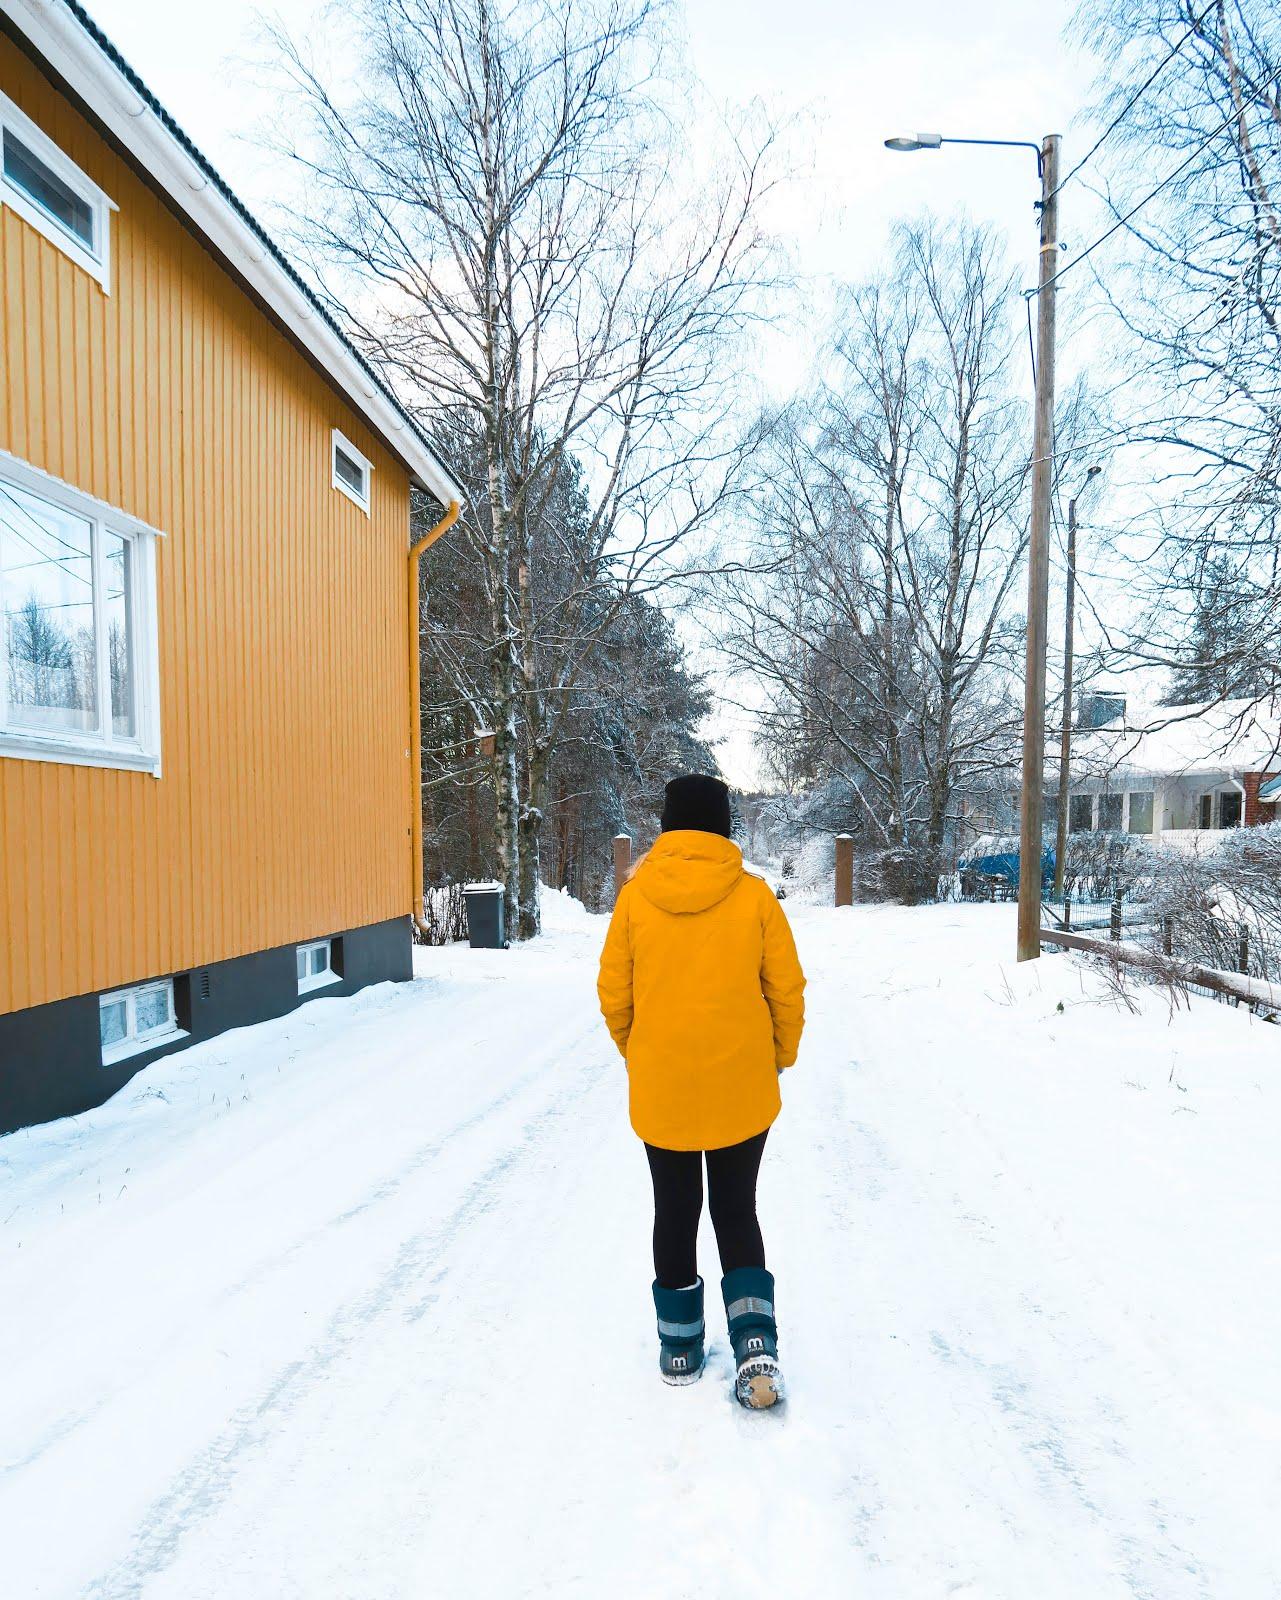 Snow in Finland | Anna Twenty Seven | www.annatwentyseven.com